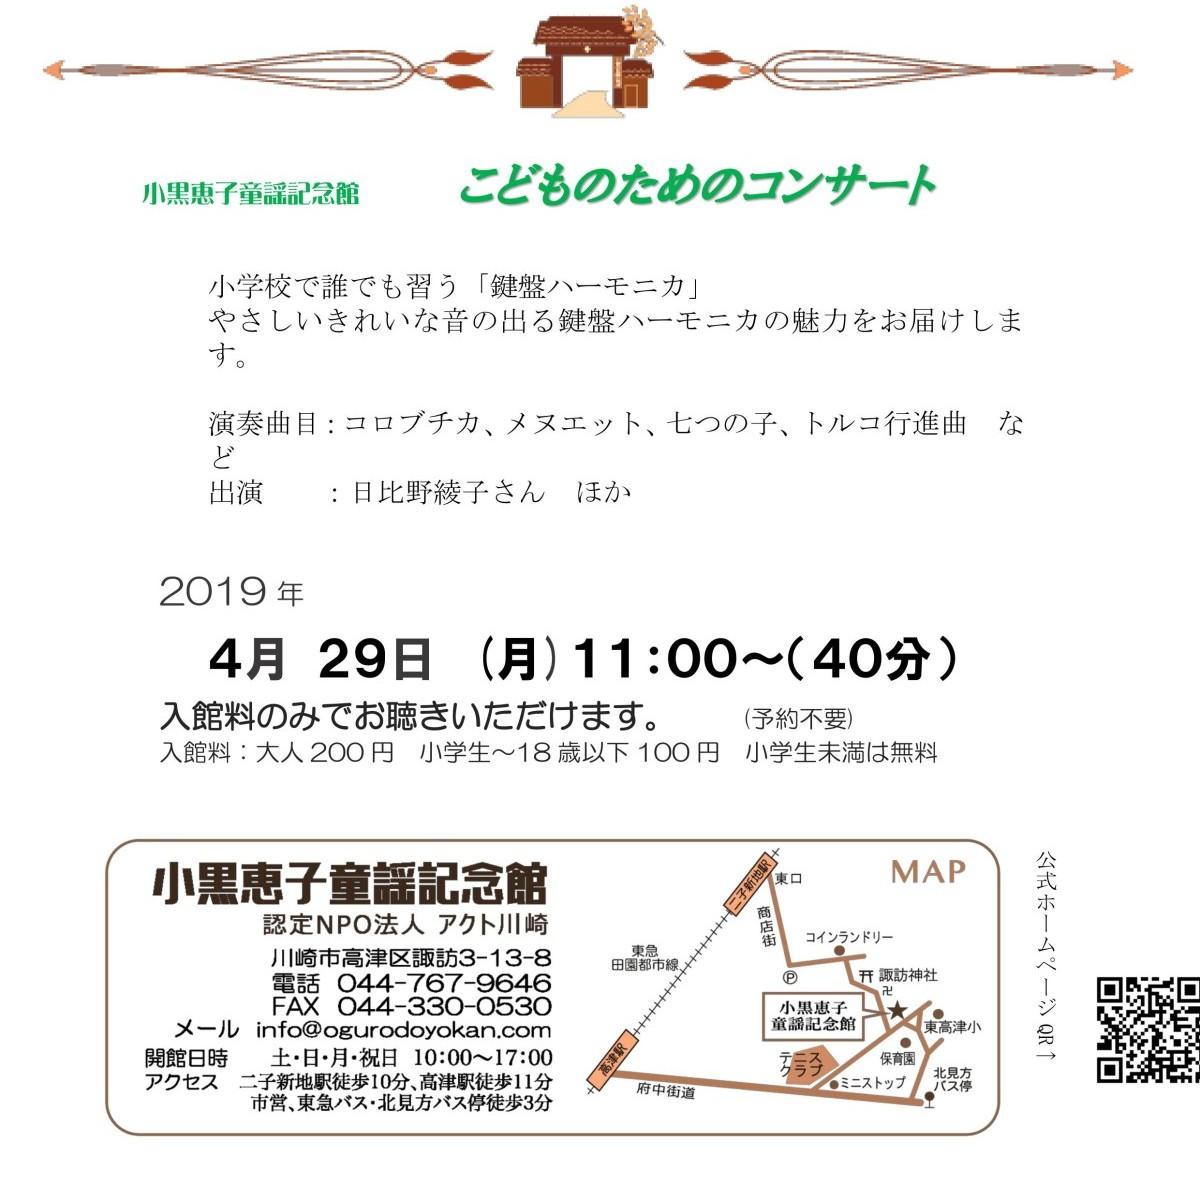 20190429bca子どものためのコンサート_imgs (1)-0001